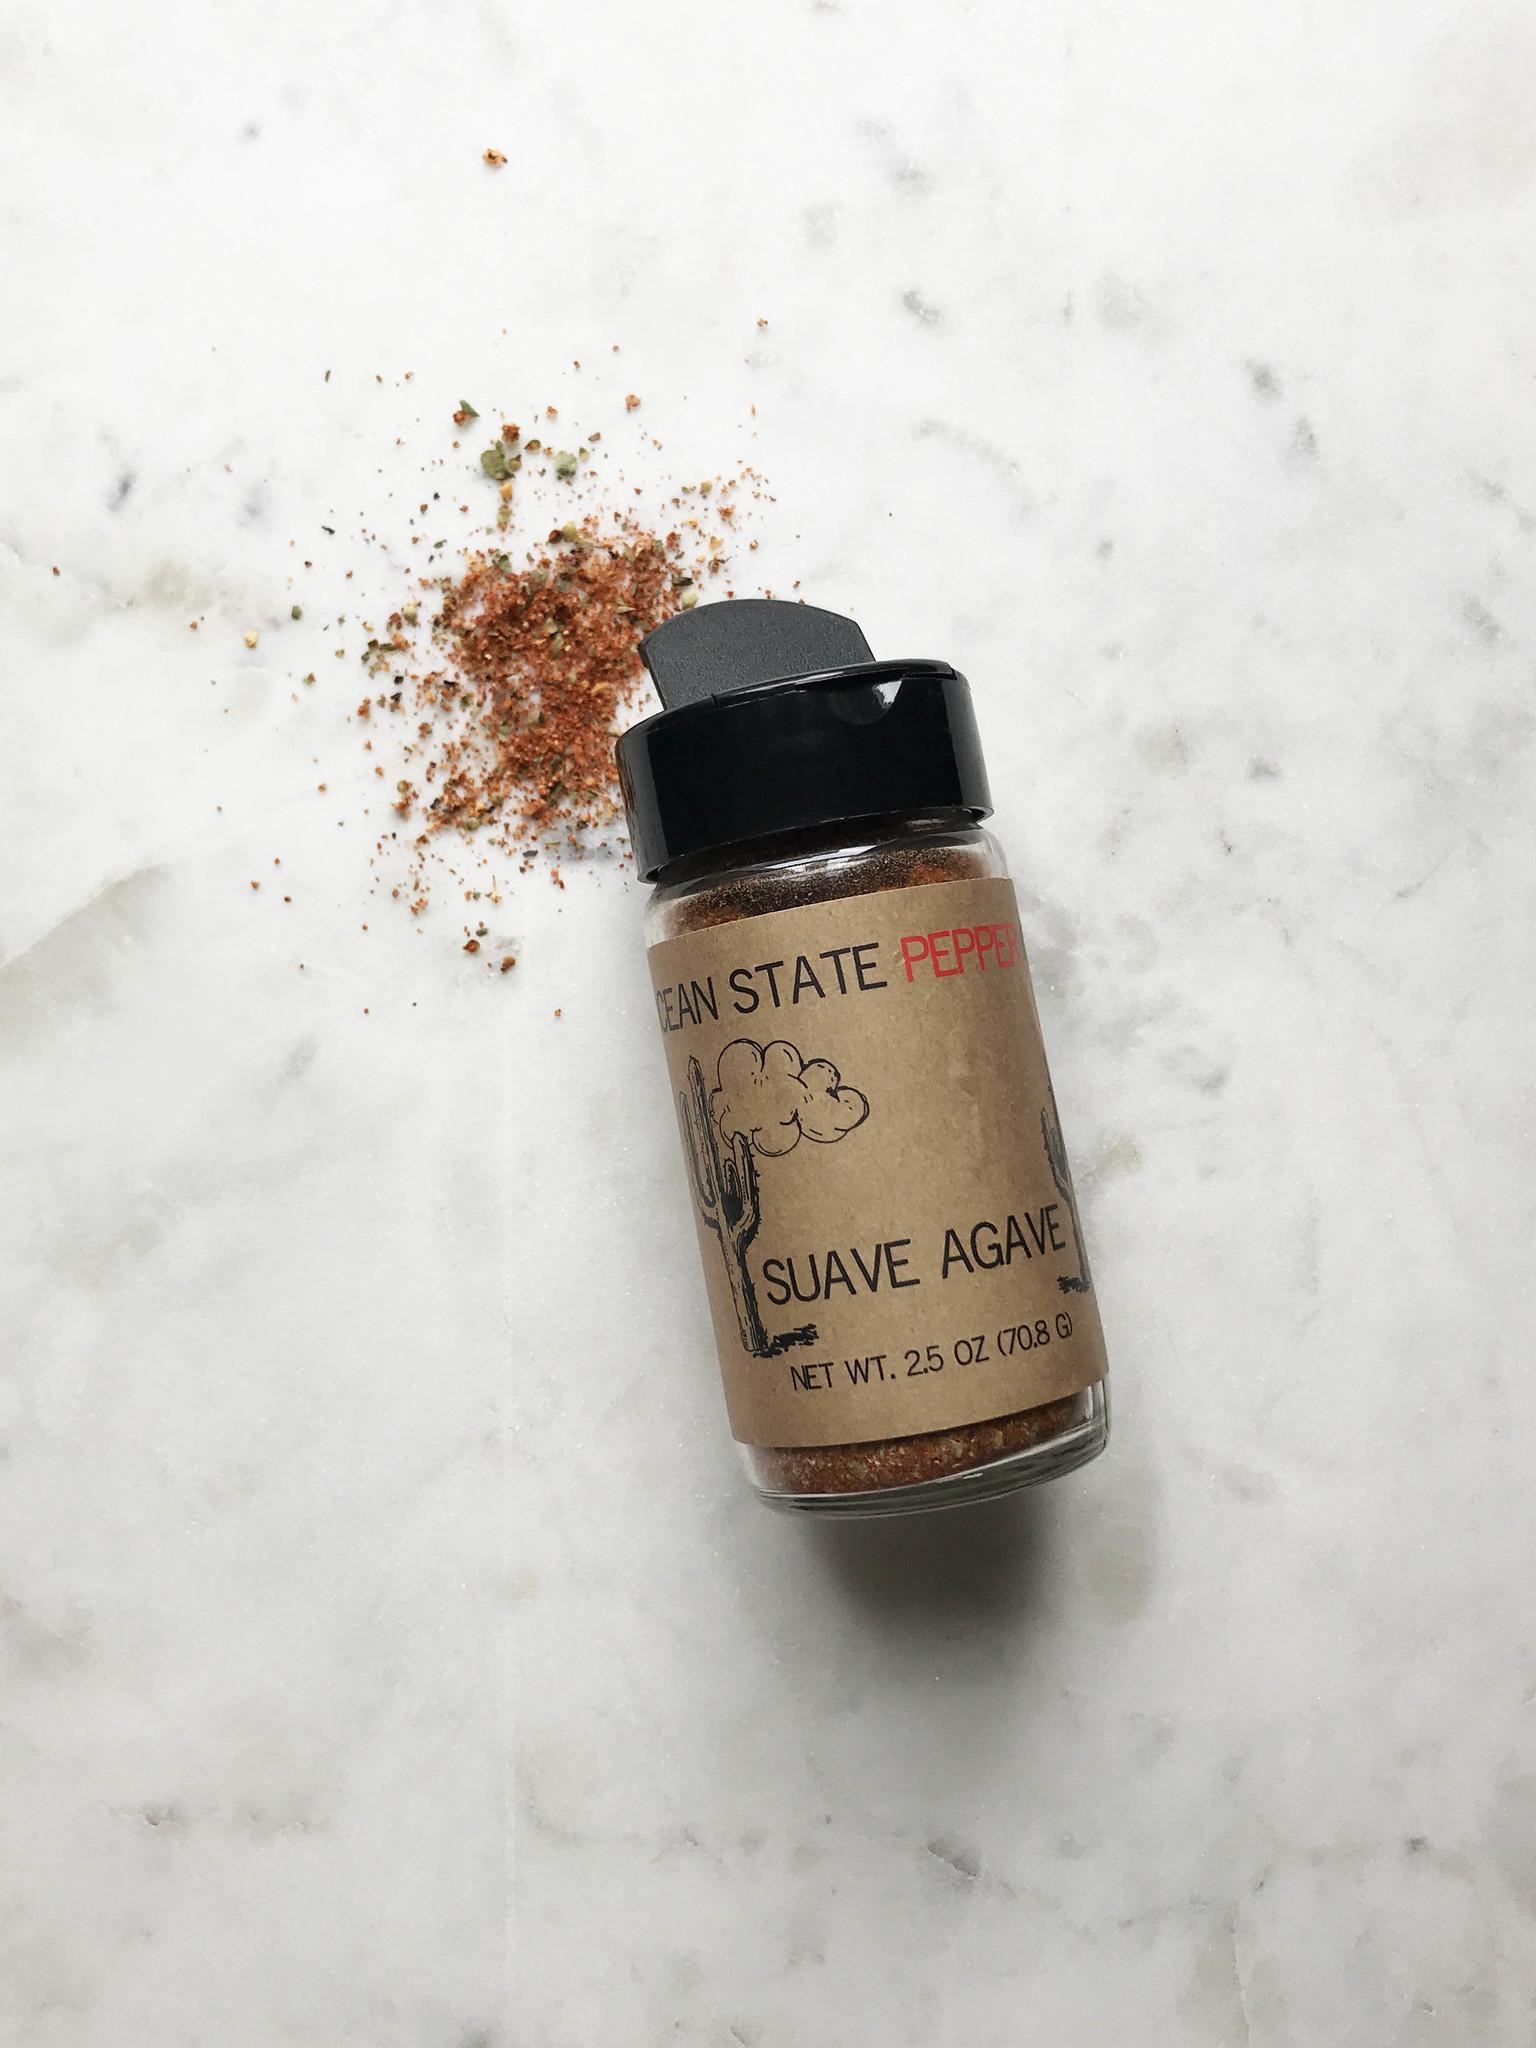 Ocean State Pepper Co. Seasonings, 2 oz. Jar-1